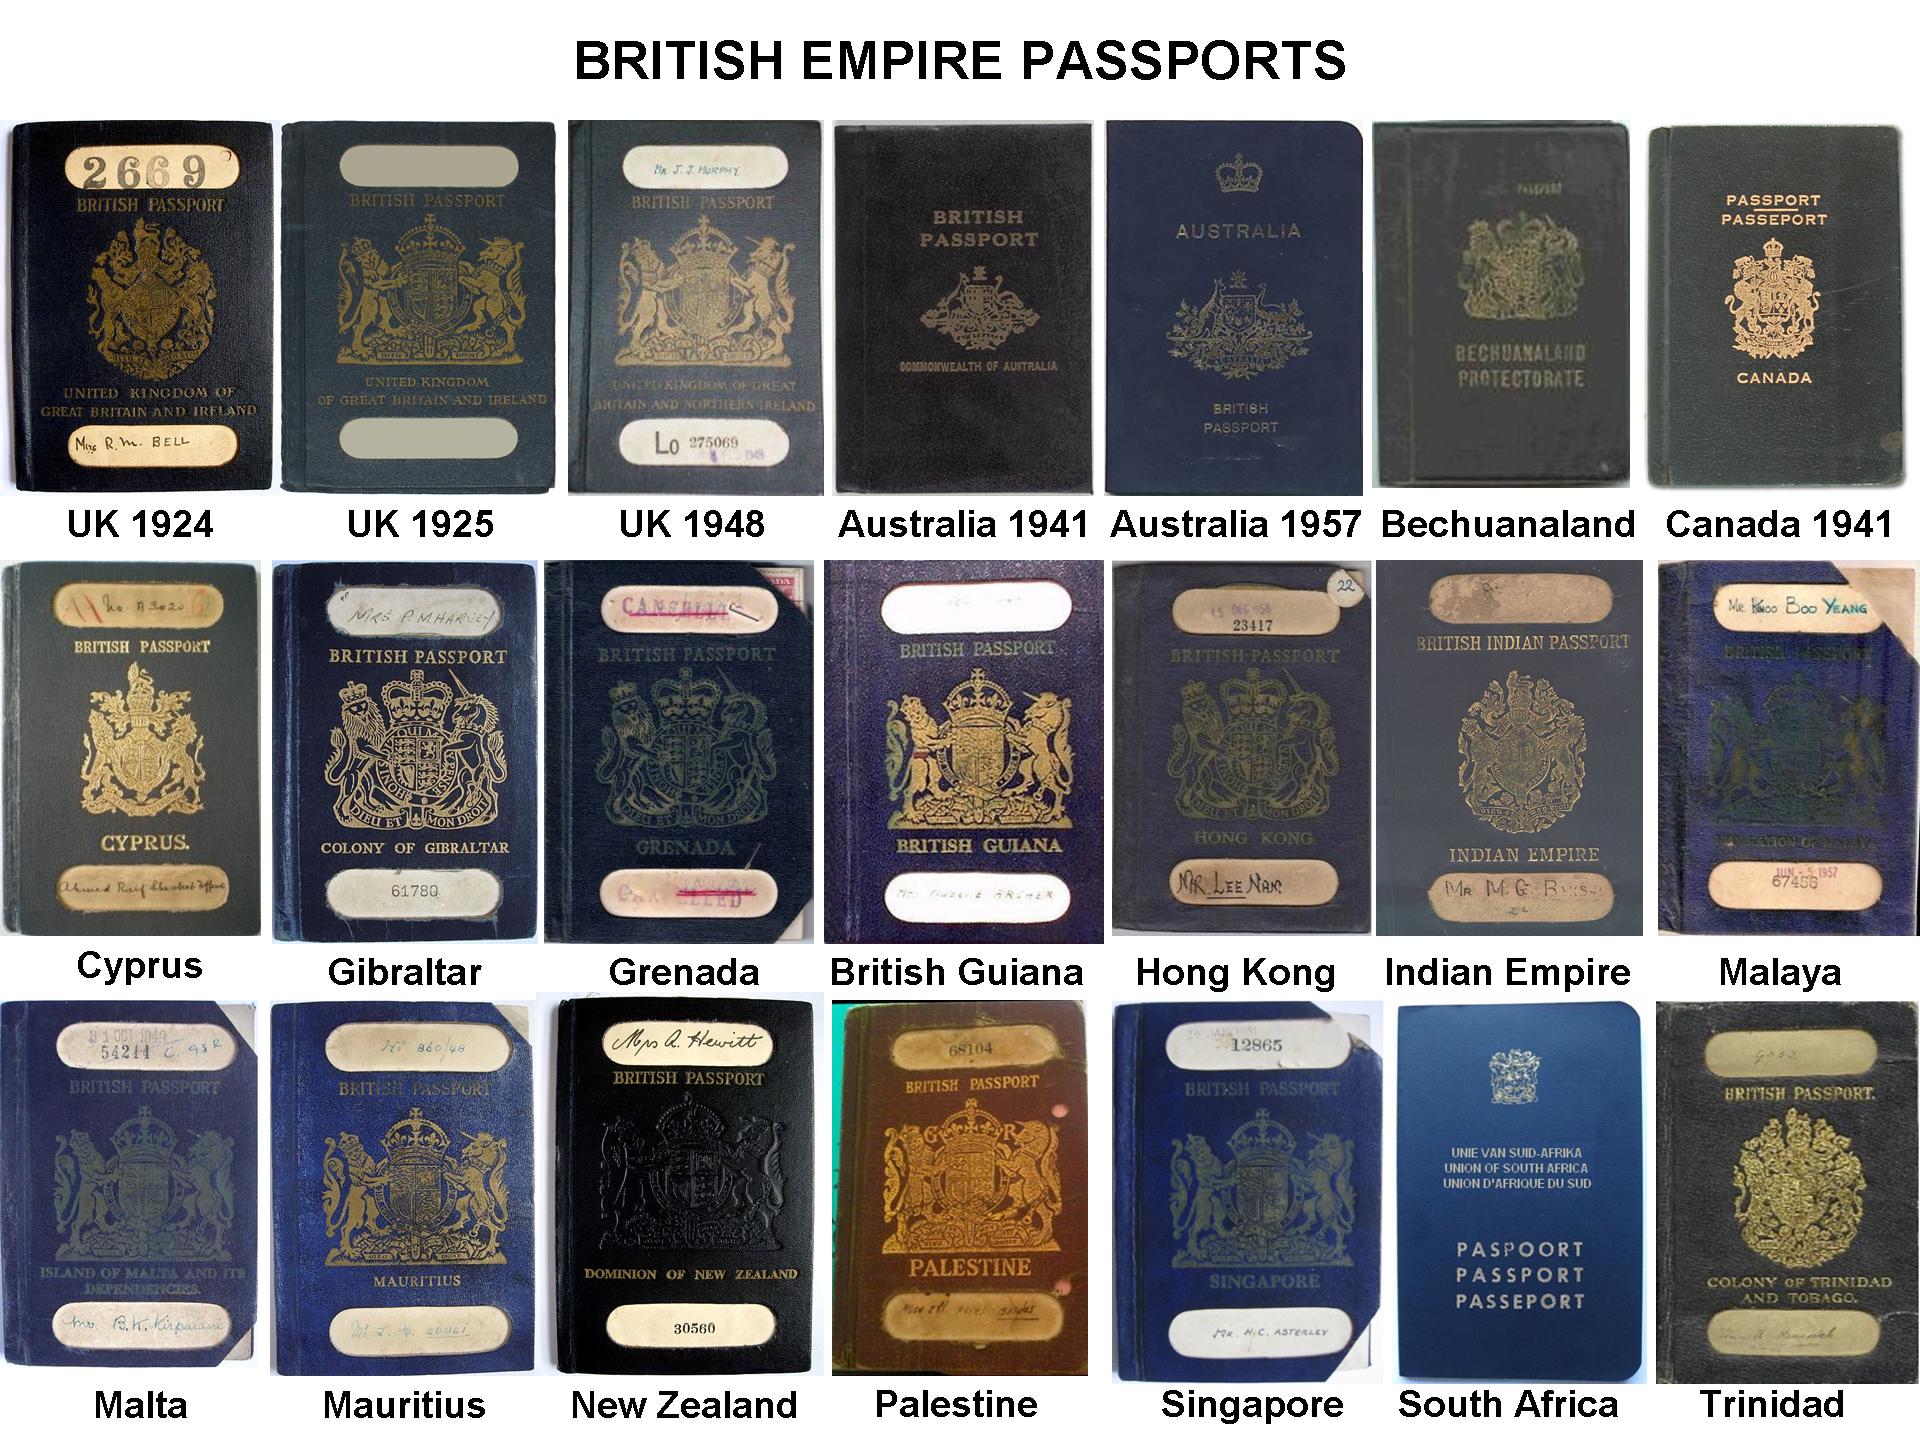 British Empire Passports